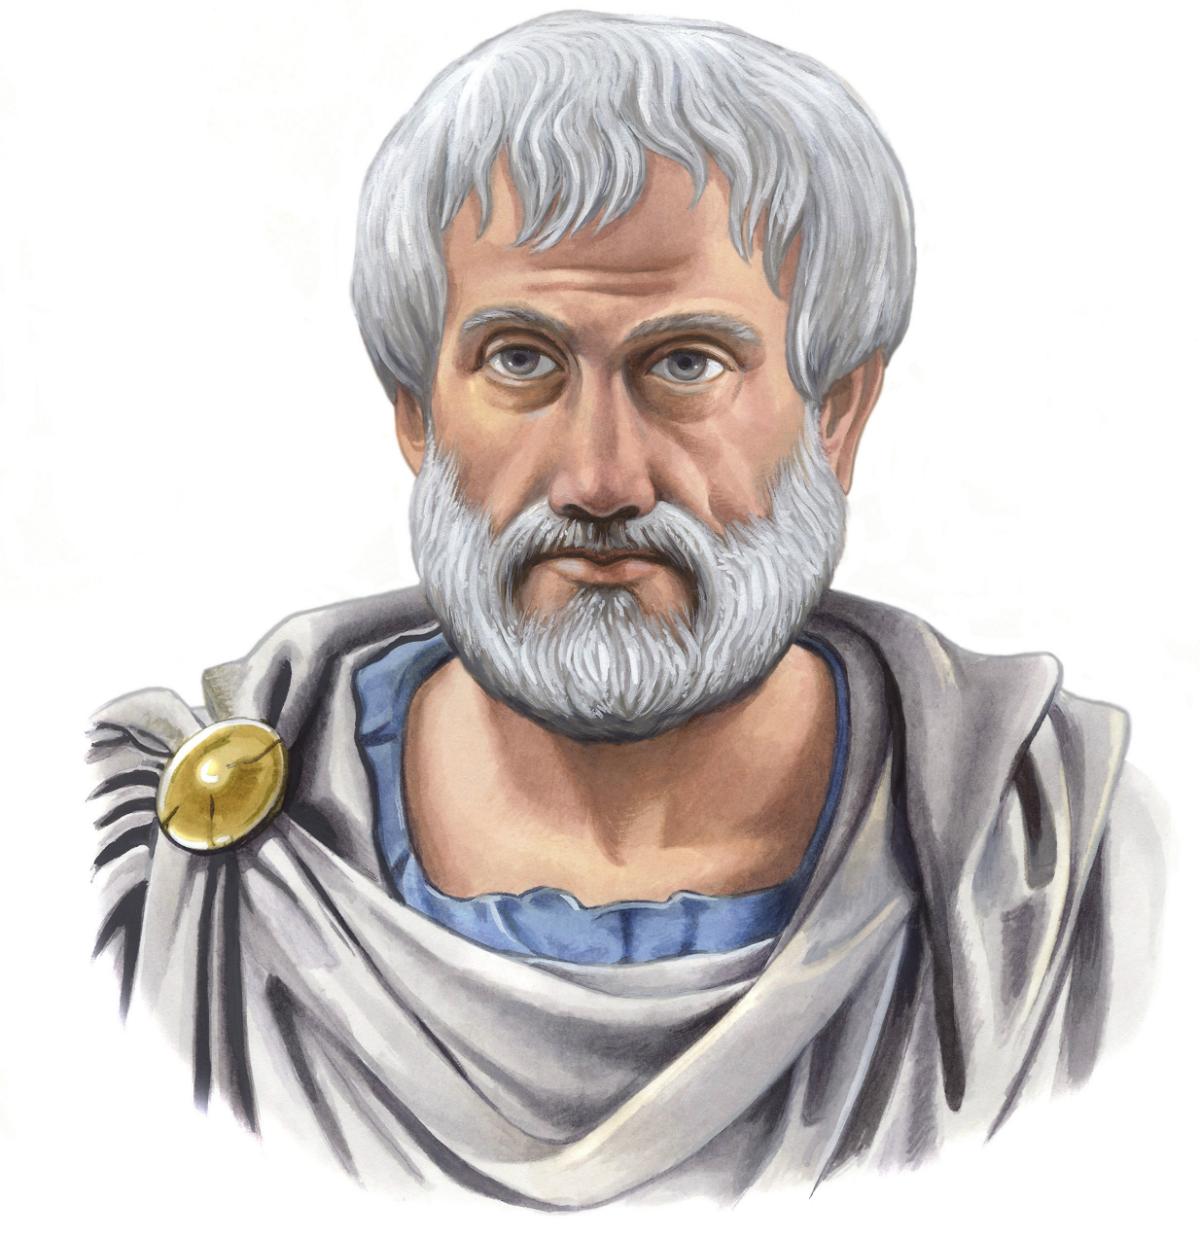 Apesar da grande ajuda de Aristóteles na organização do pensamento, se precisamos falar de dualidades, é necessário que haja uma evolução nesses métodos.